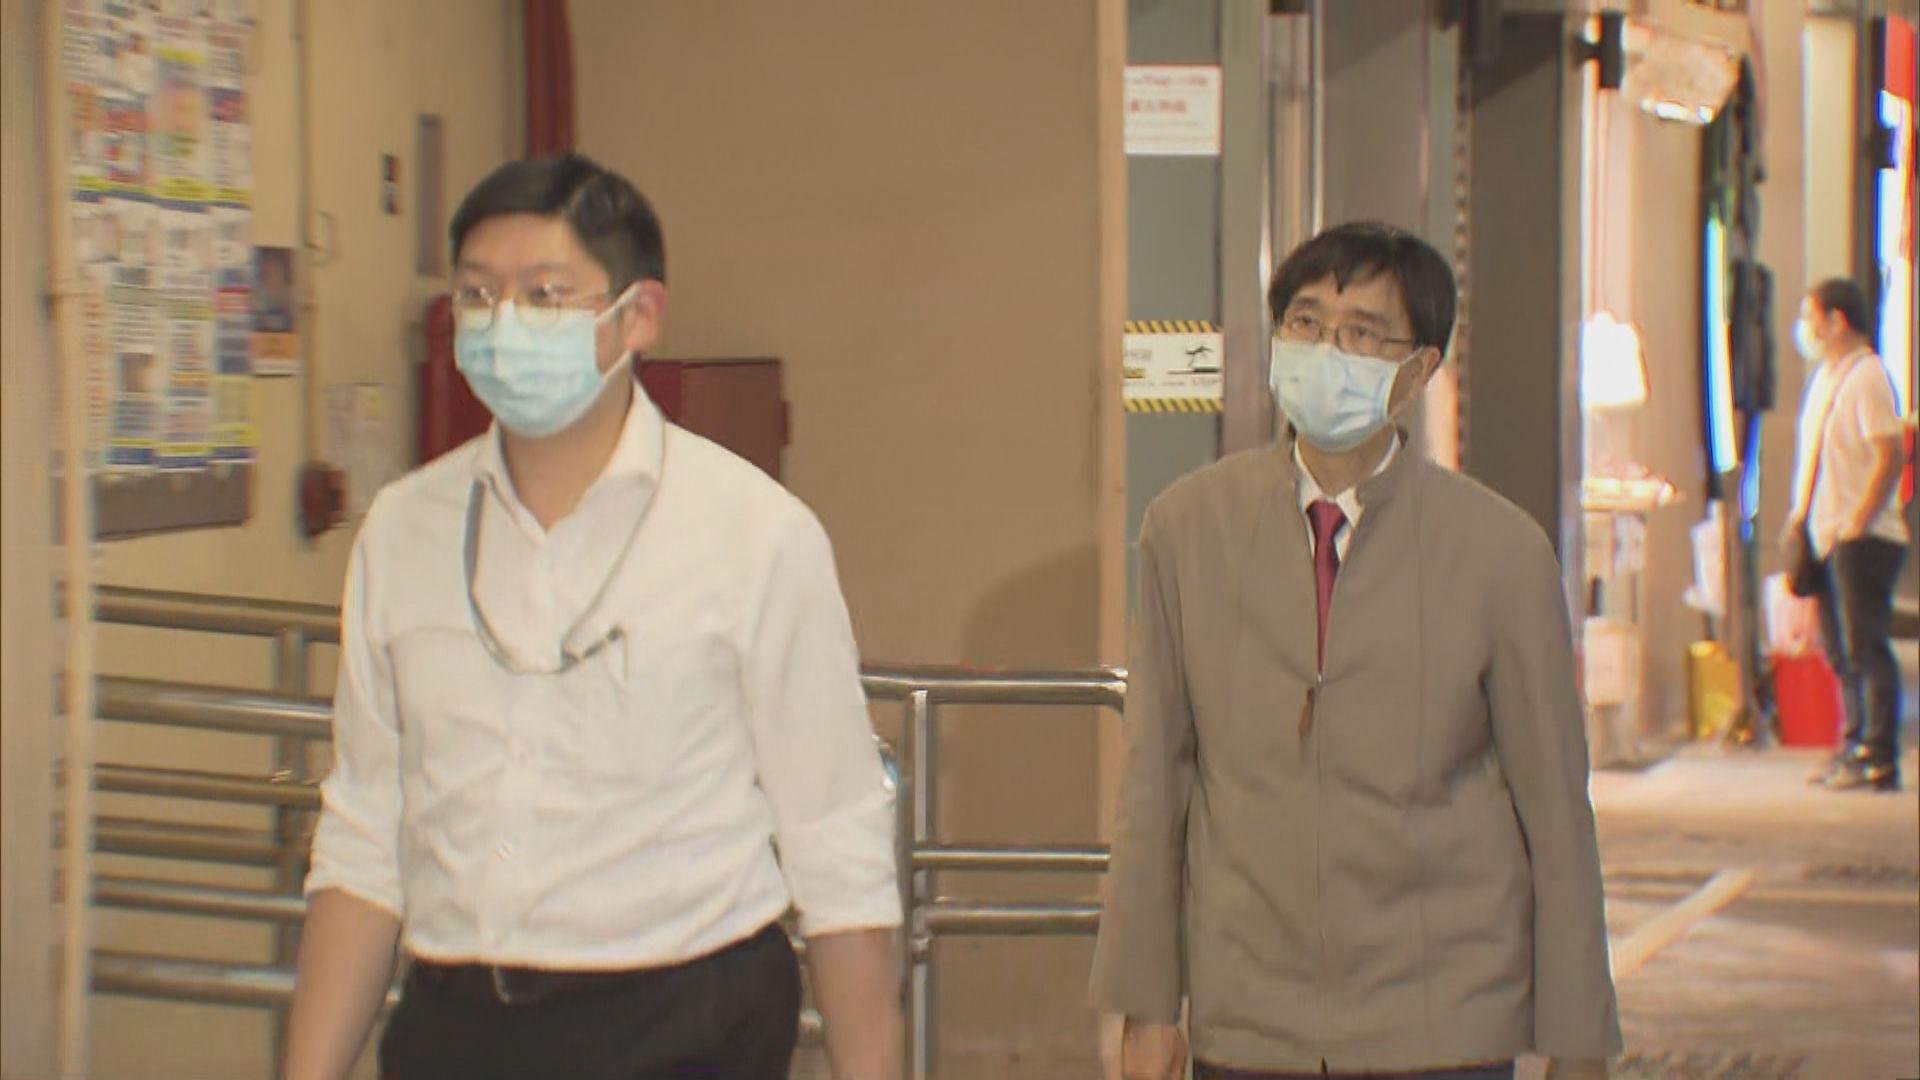 袁國勇:四歲男童求醫診所全部環境樣本對新冠病毒呈陰性